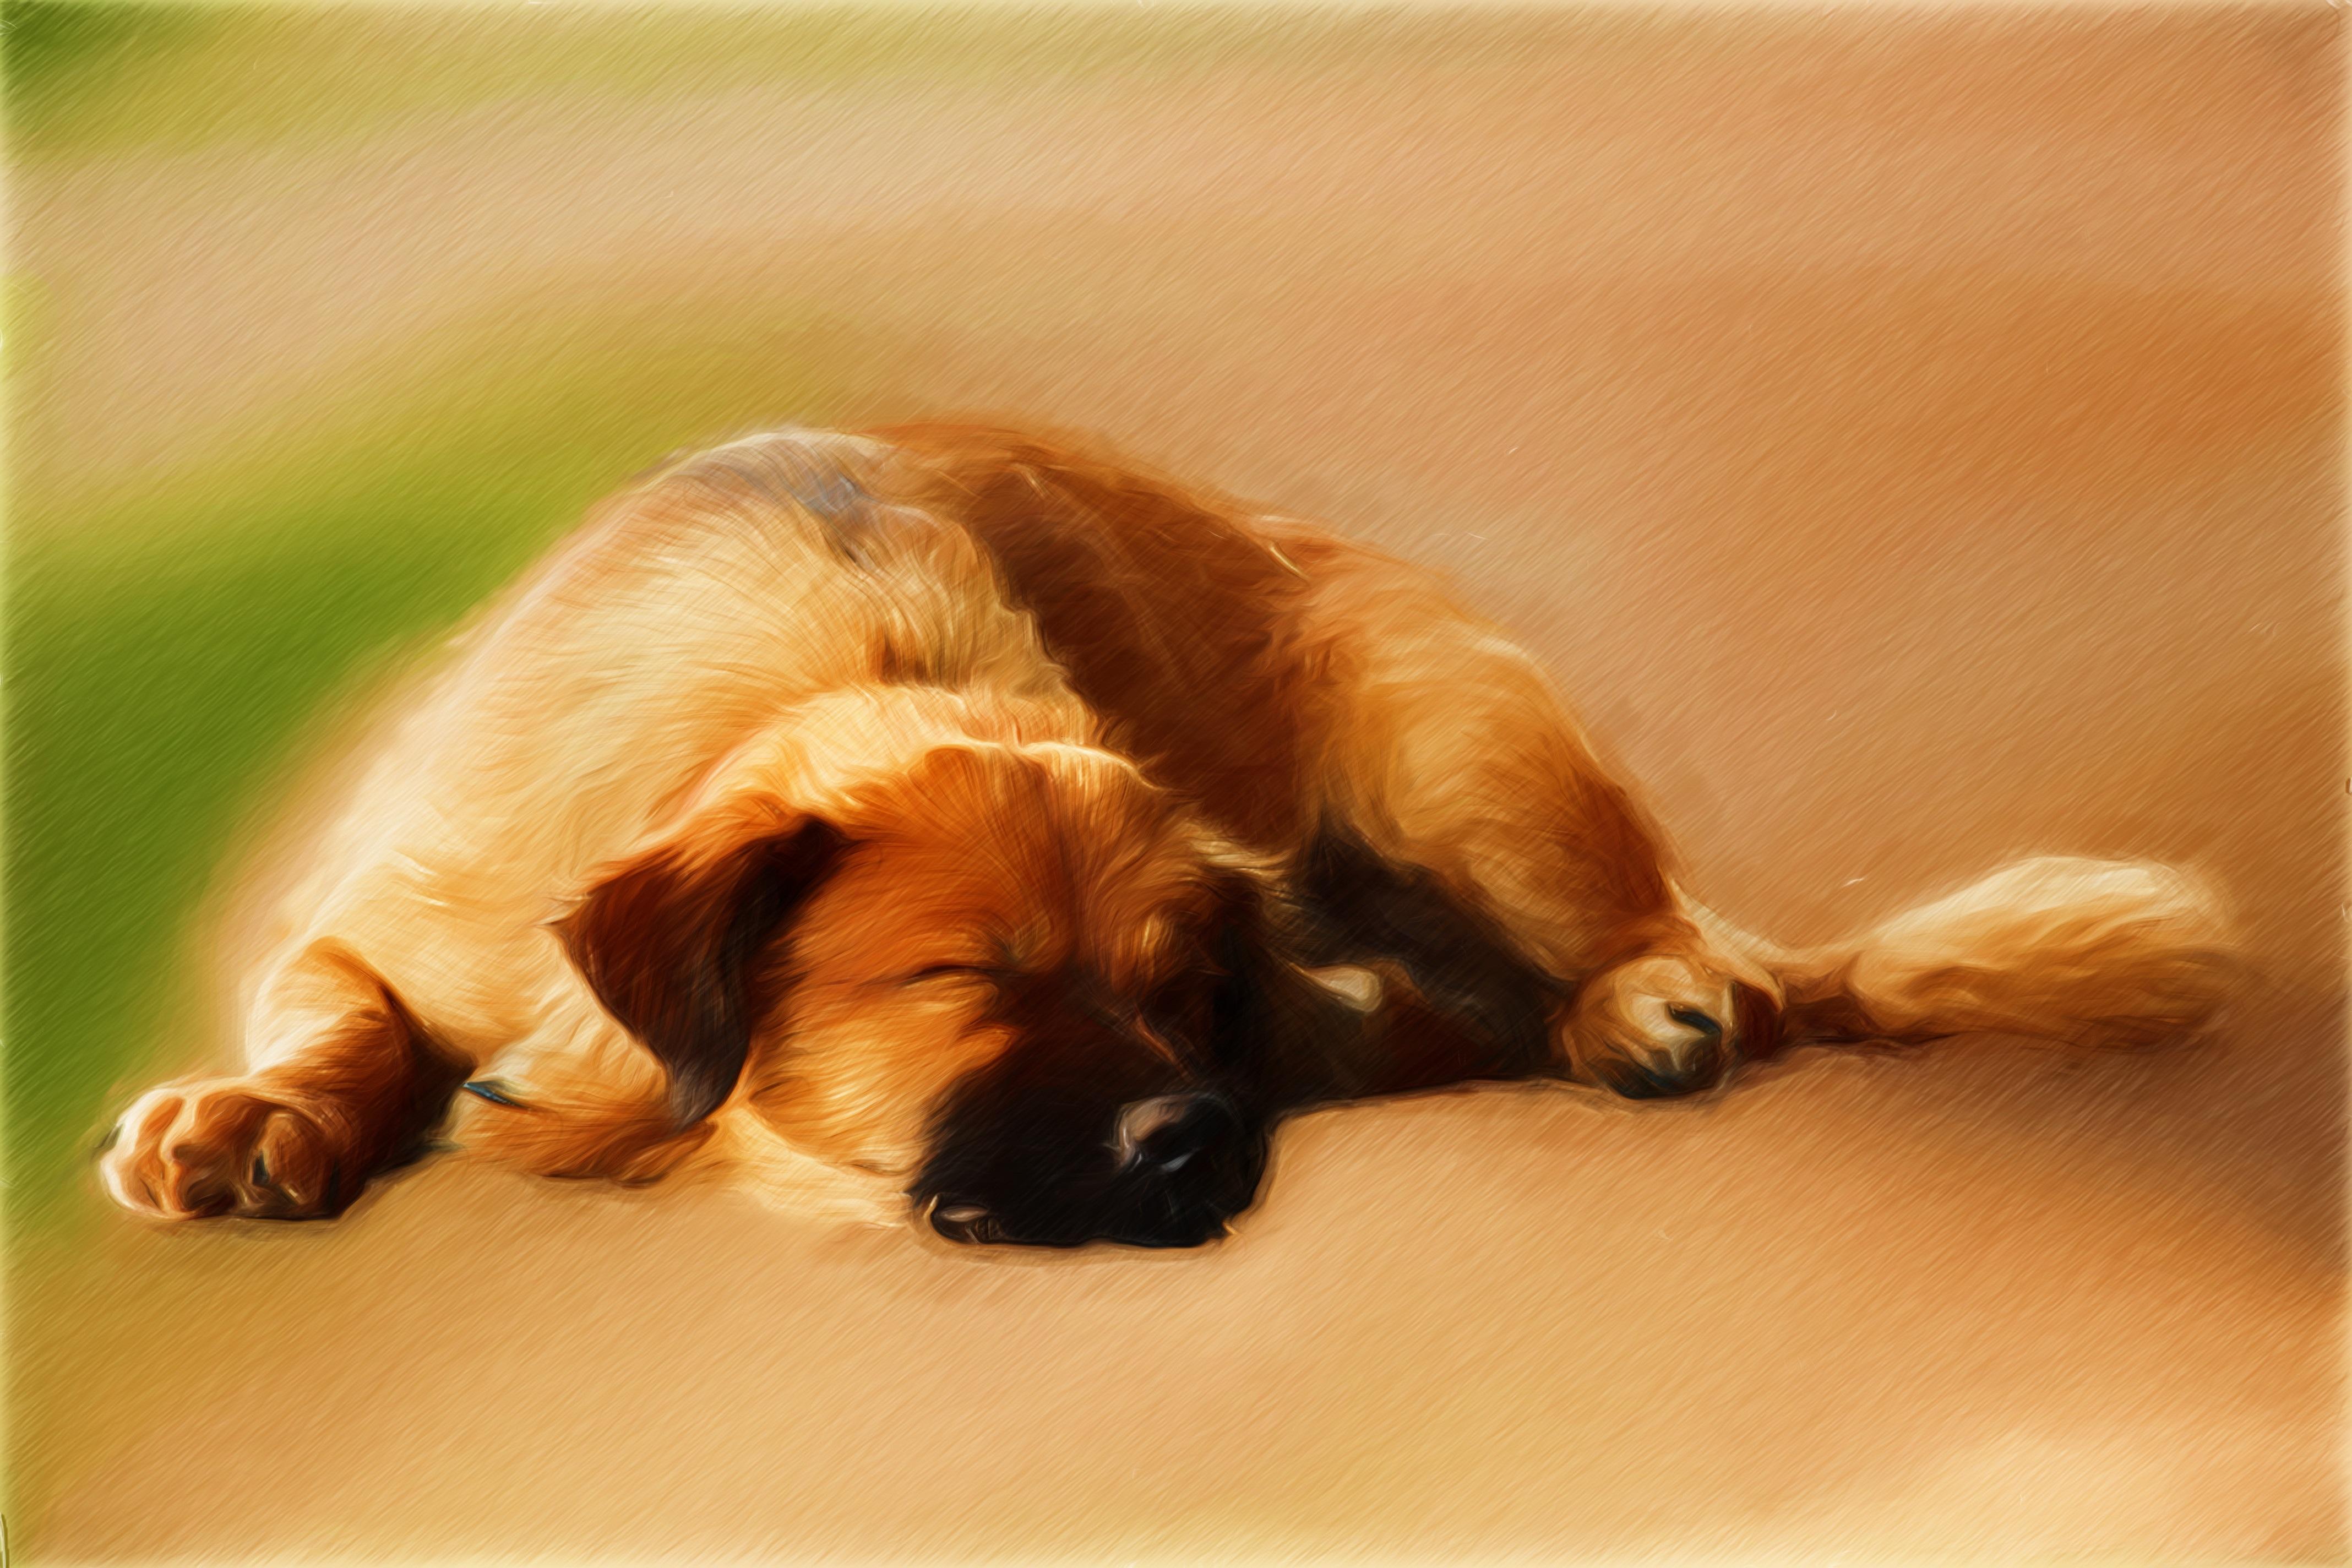 Fotos Gratis Perrito Perro Pintar Art Dormir Dibujo